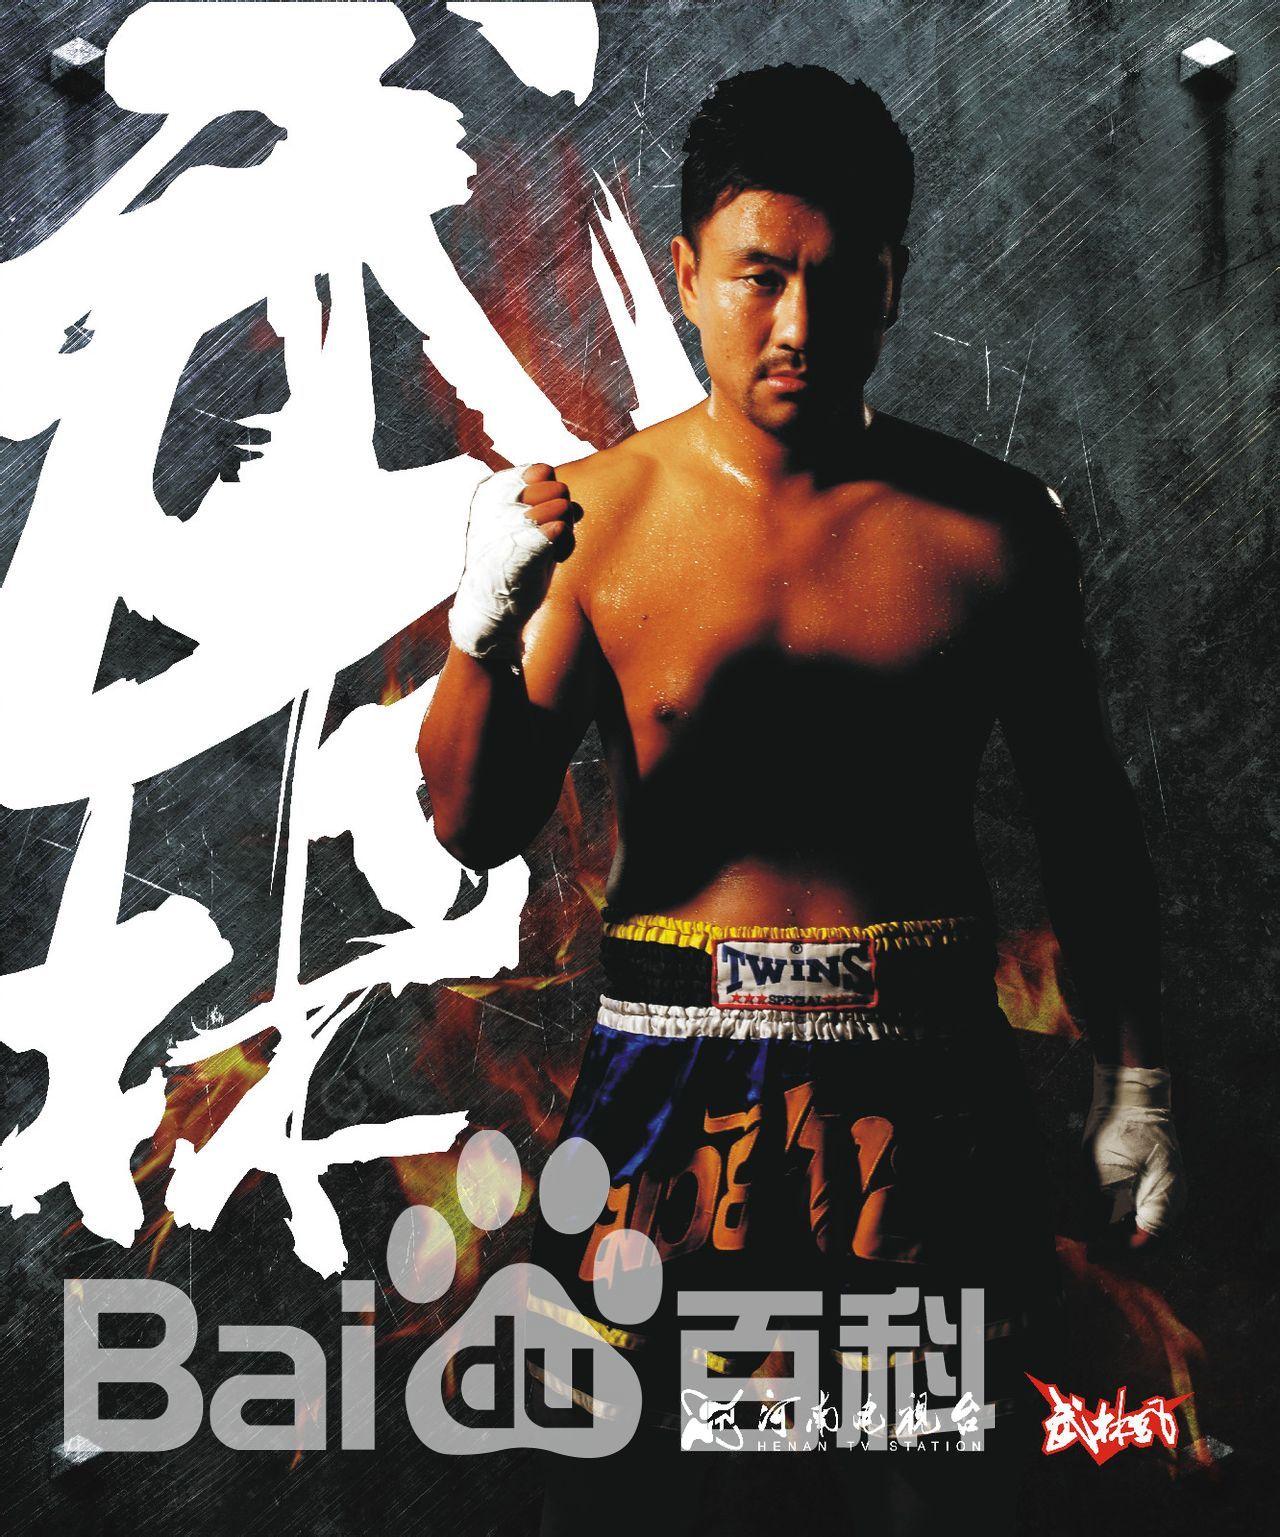 曾创造了36战35胜1负的战绩,2009年9月5日,王洪祥战胜世界自由搏击